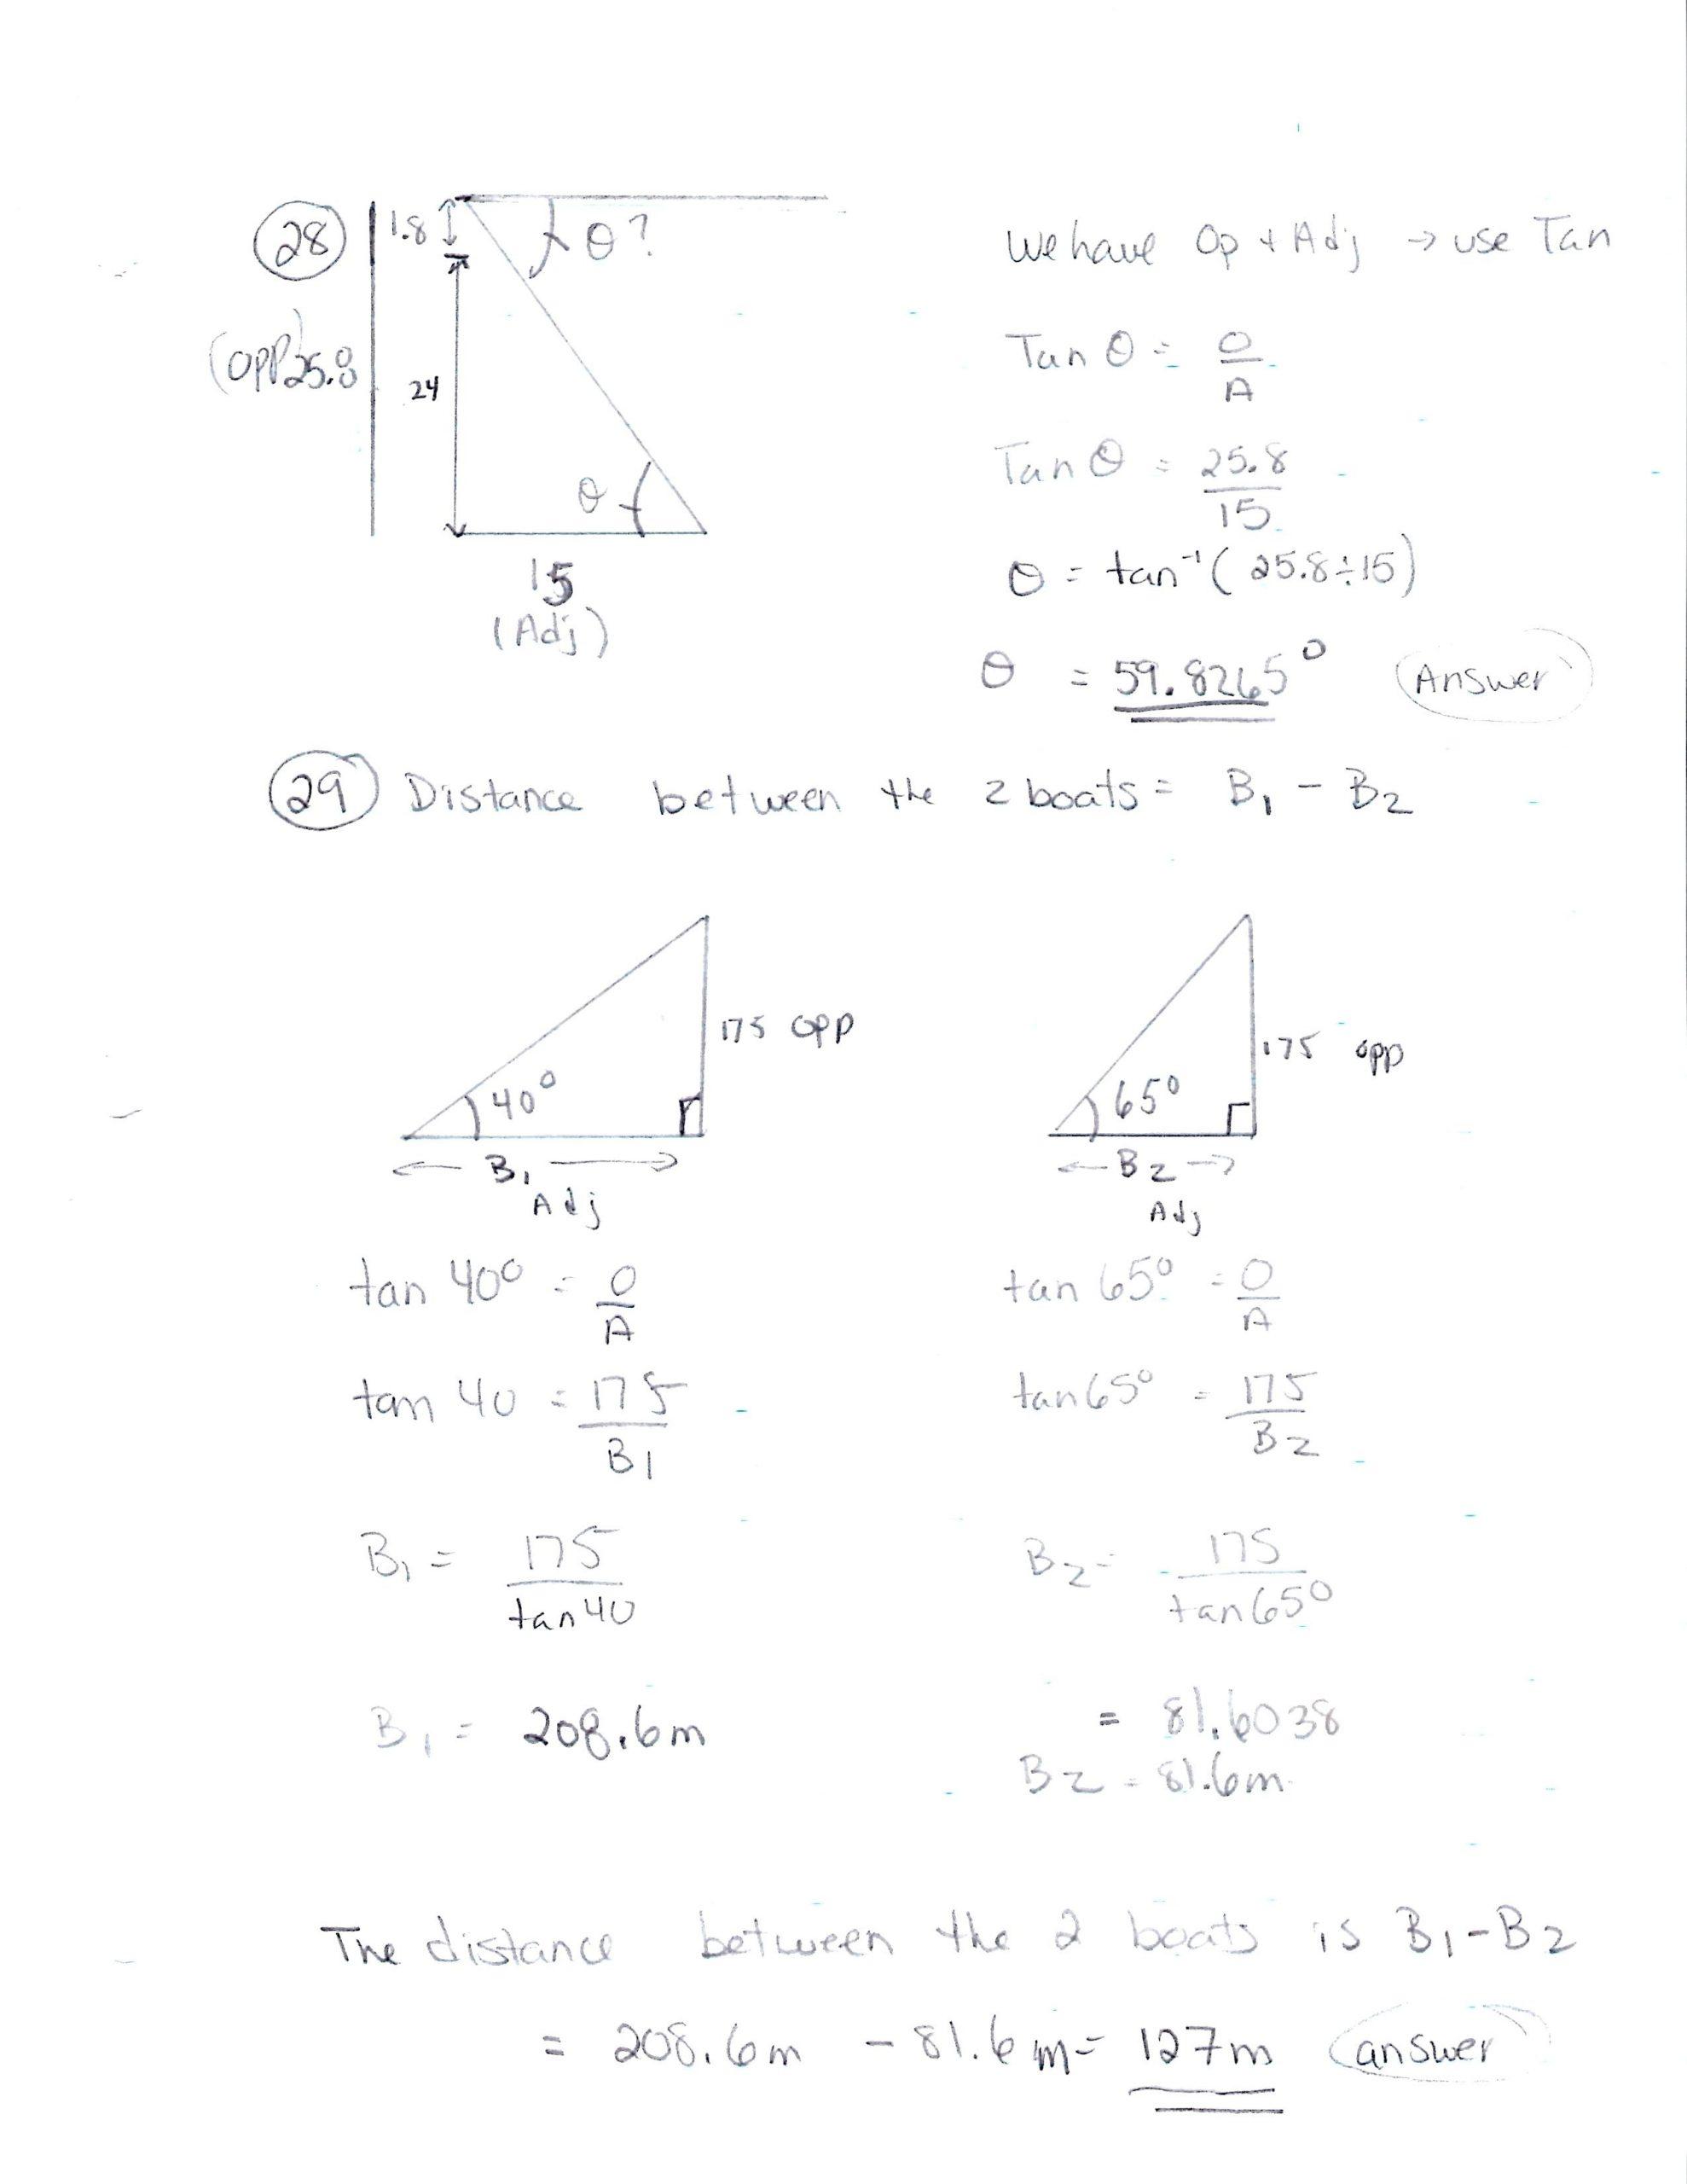 Worksheet Piecewise Functions Algebra 2 Piecewise Functions Practice Worksheet with Answers Nidecmege